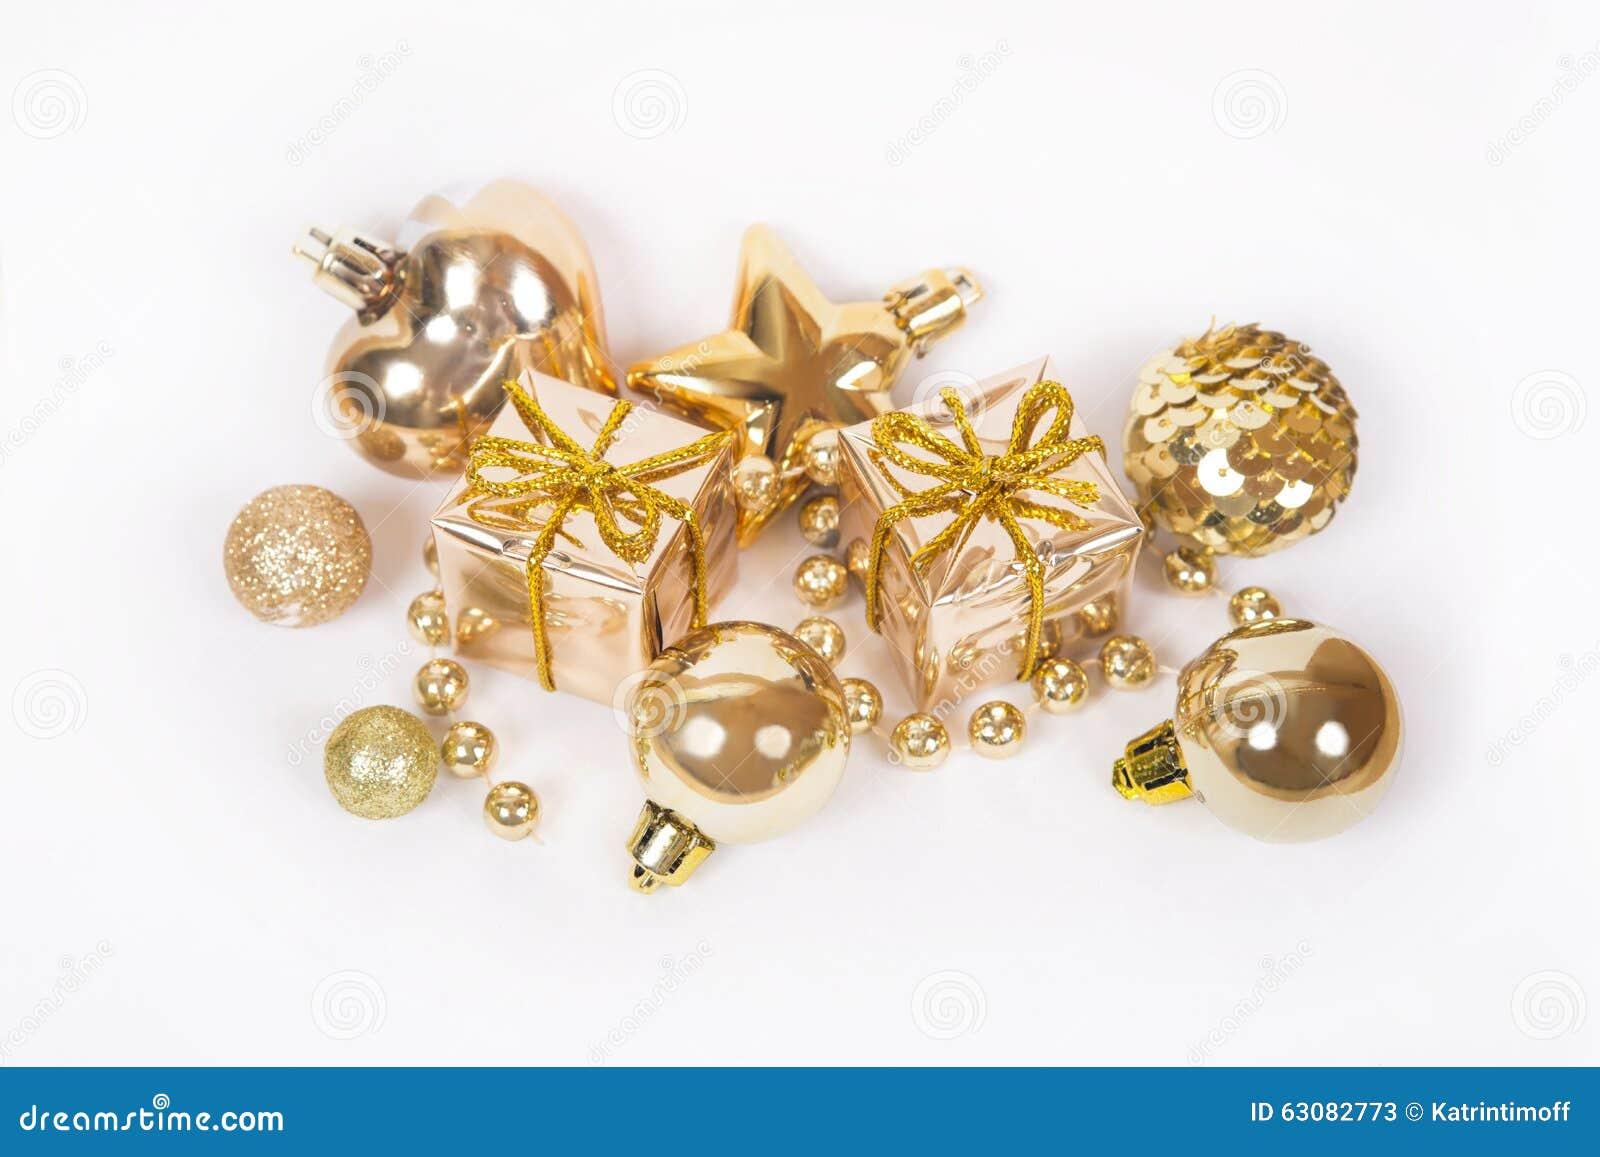 Download Le Cadeau D'or Avec D'autres Babioles De Noël Aiment La Décoration De Vacances Sur Le Blanc Image stock - Image du isolat, réception: 63082773